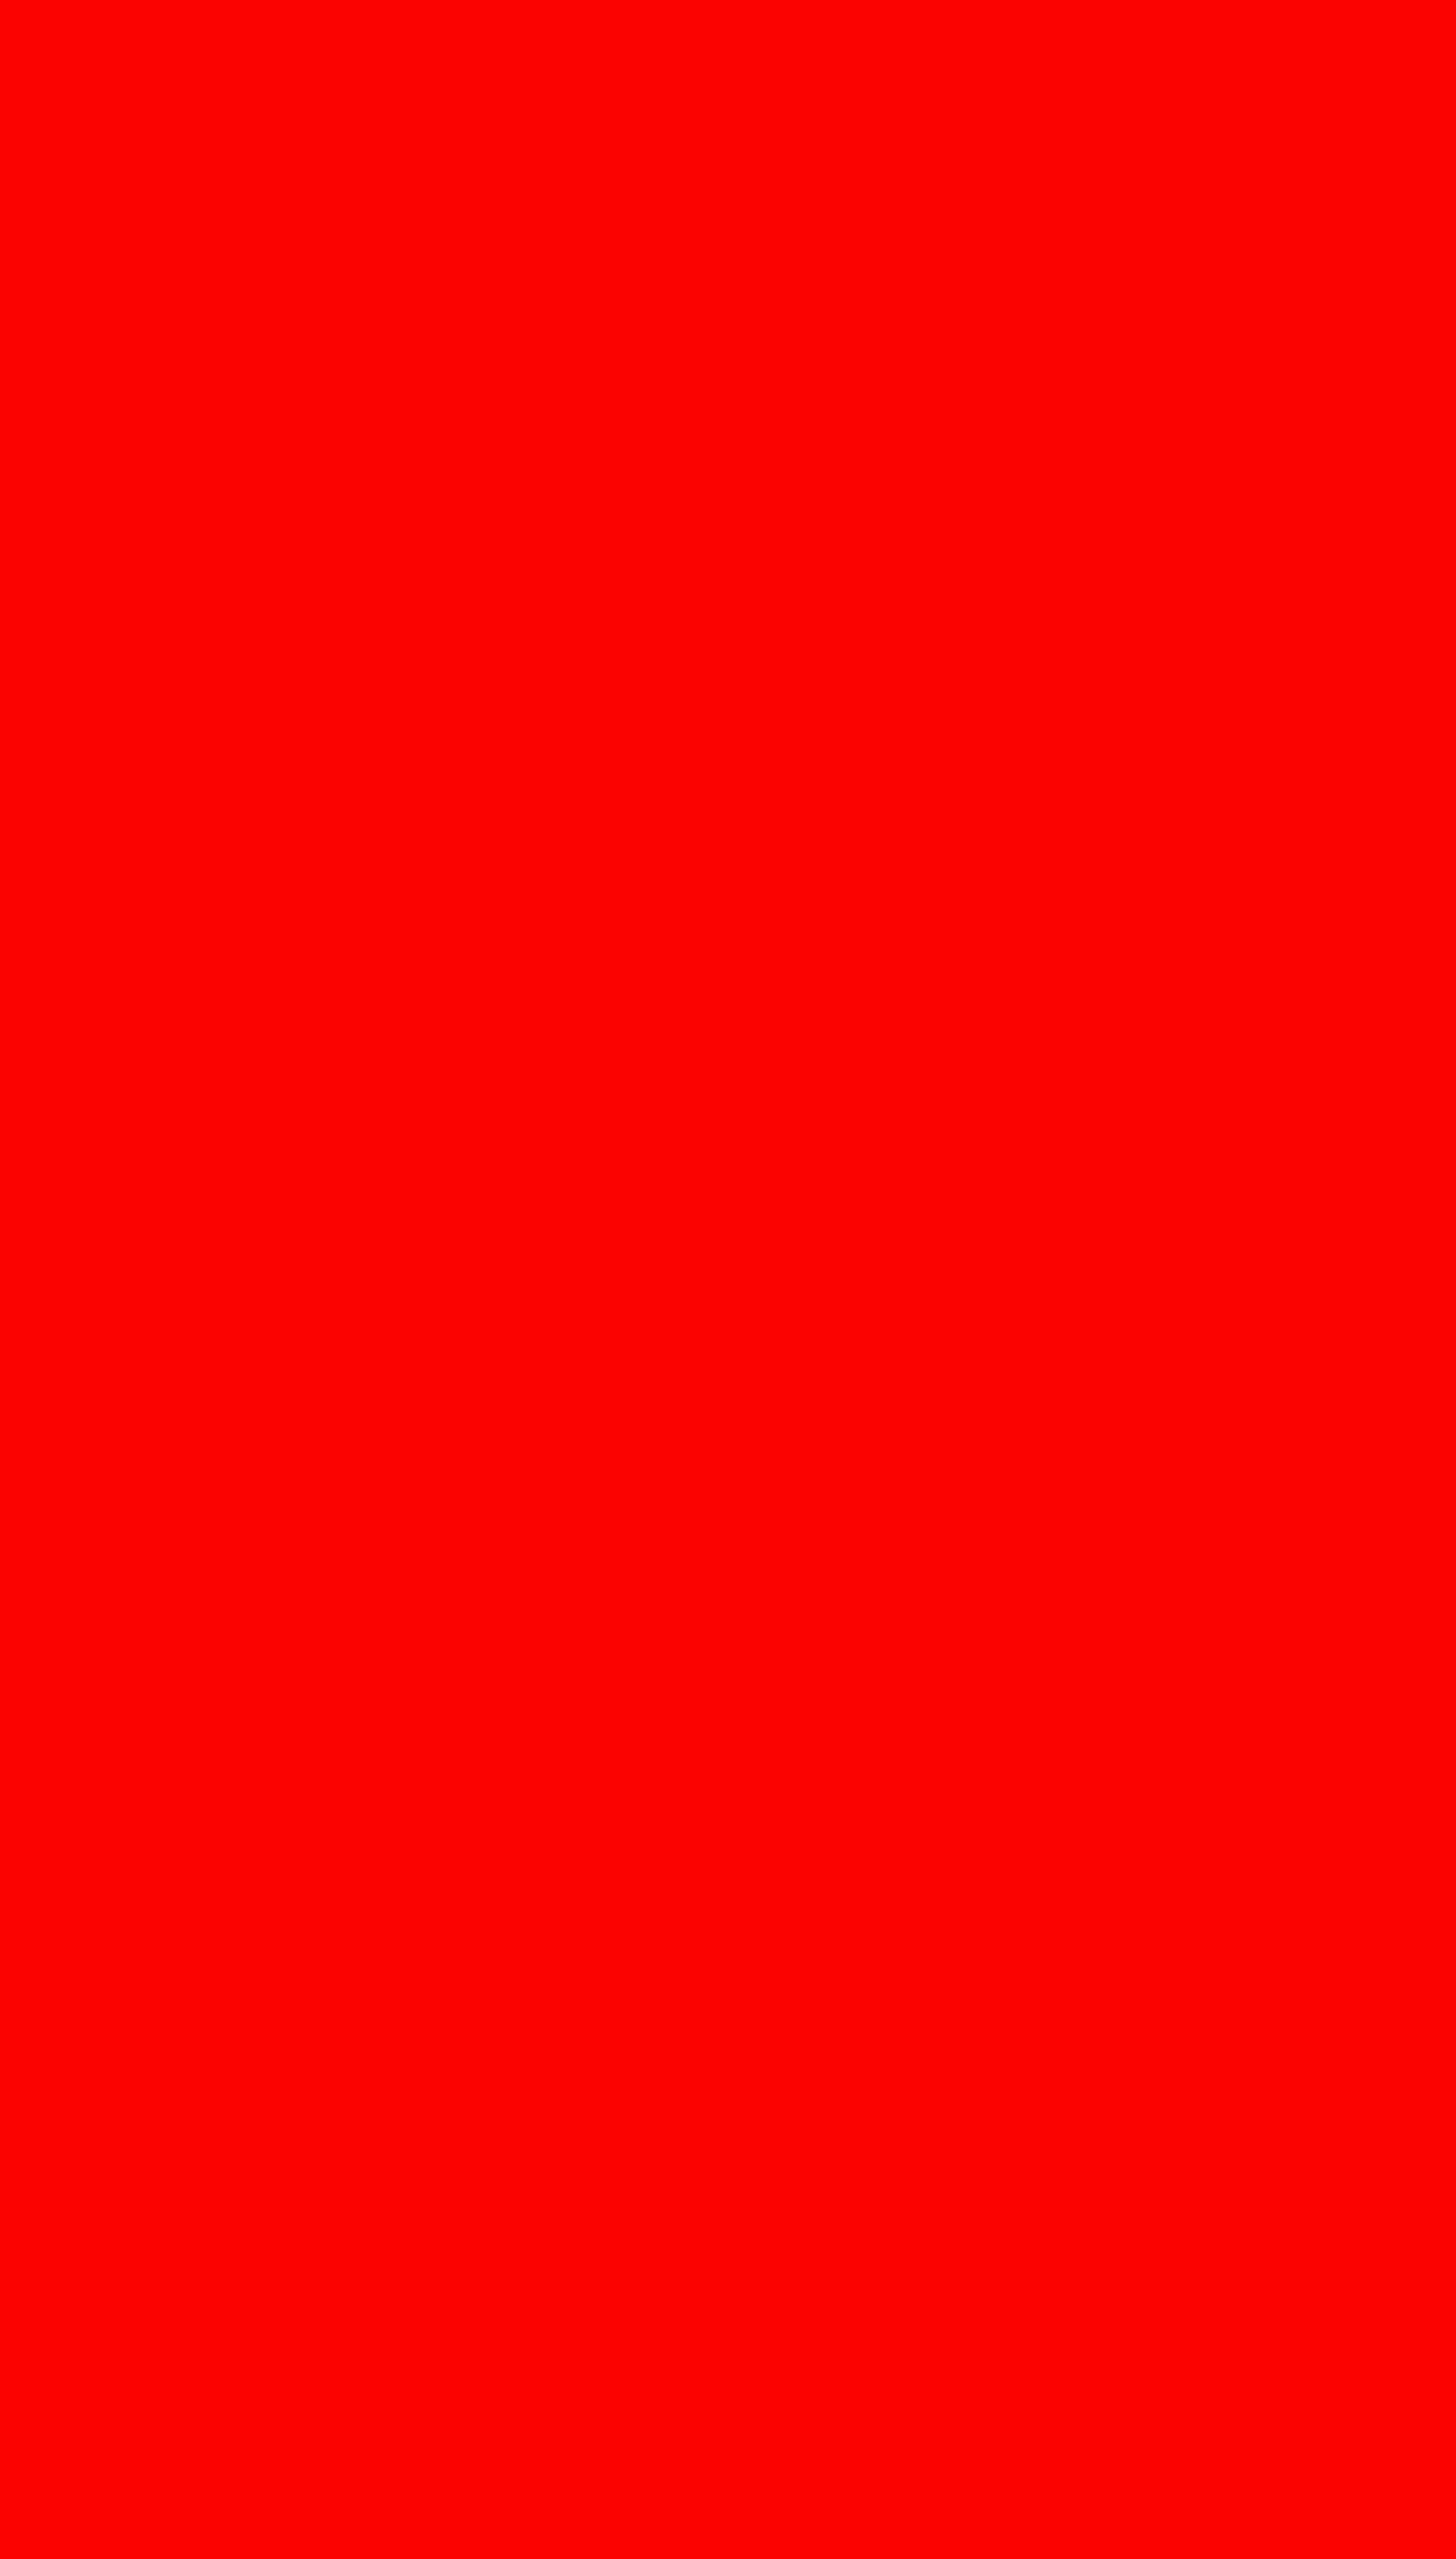 纯红色背景图